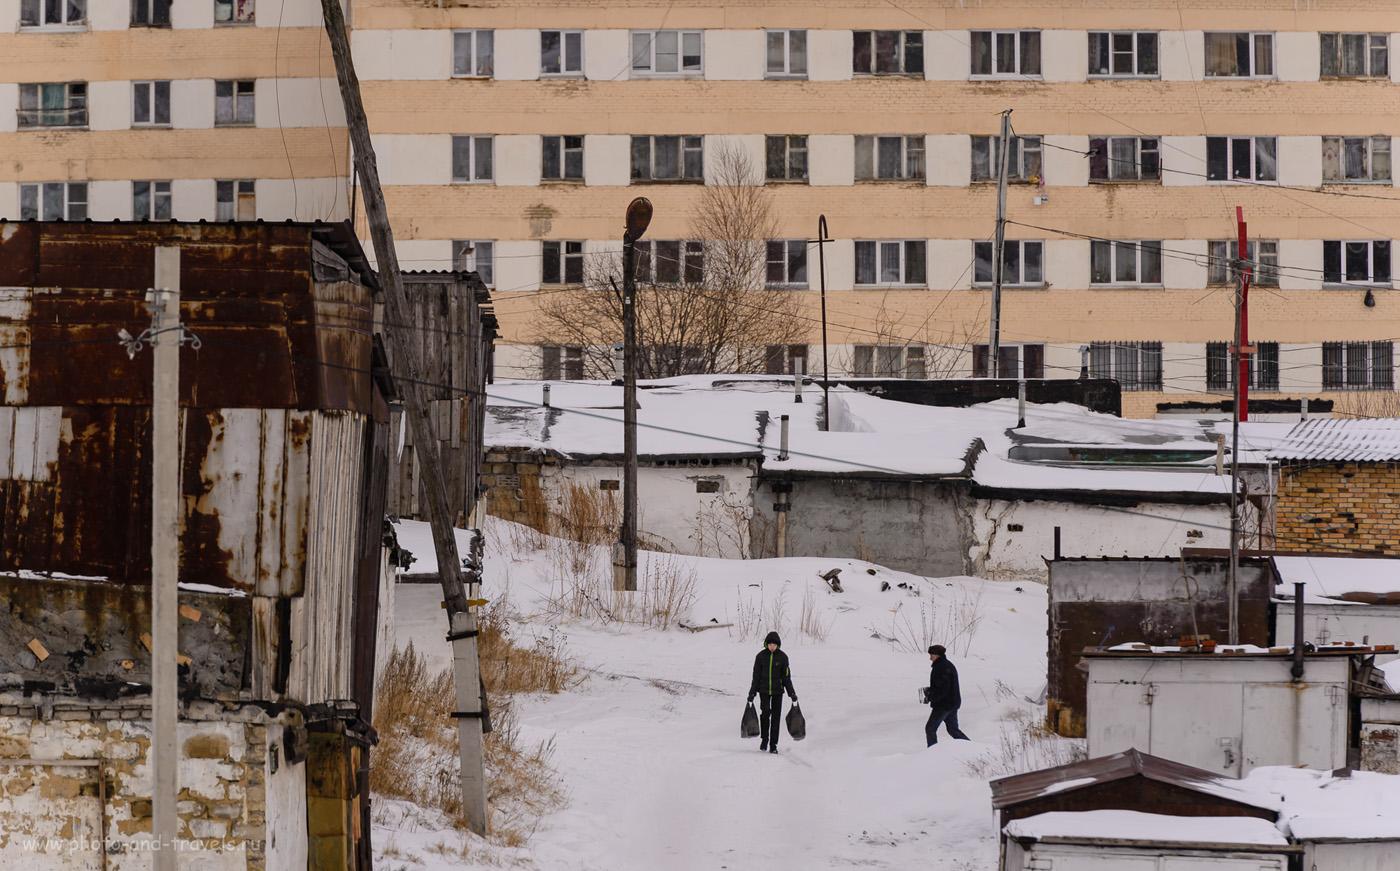 Фото 15. По дороге к монументу «Серп и молот» в Сатке. Какие интересные места Челябинской области можно посмотреть на машине. Маршрут выходного дня. 1/800, 6.3, 400, 280.